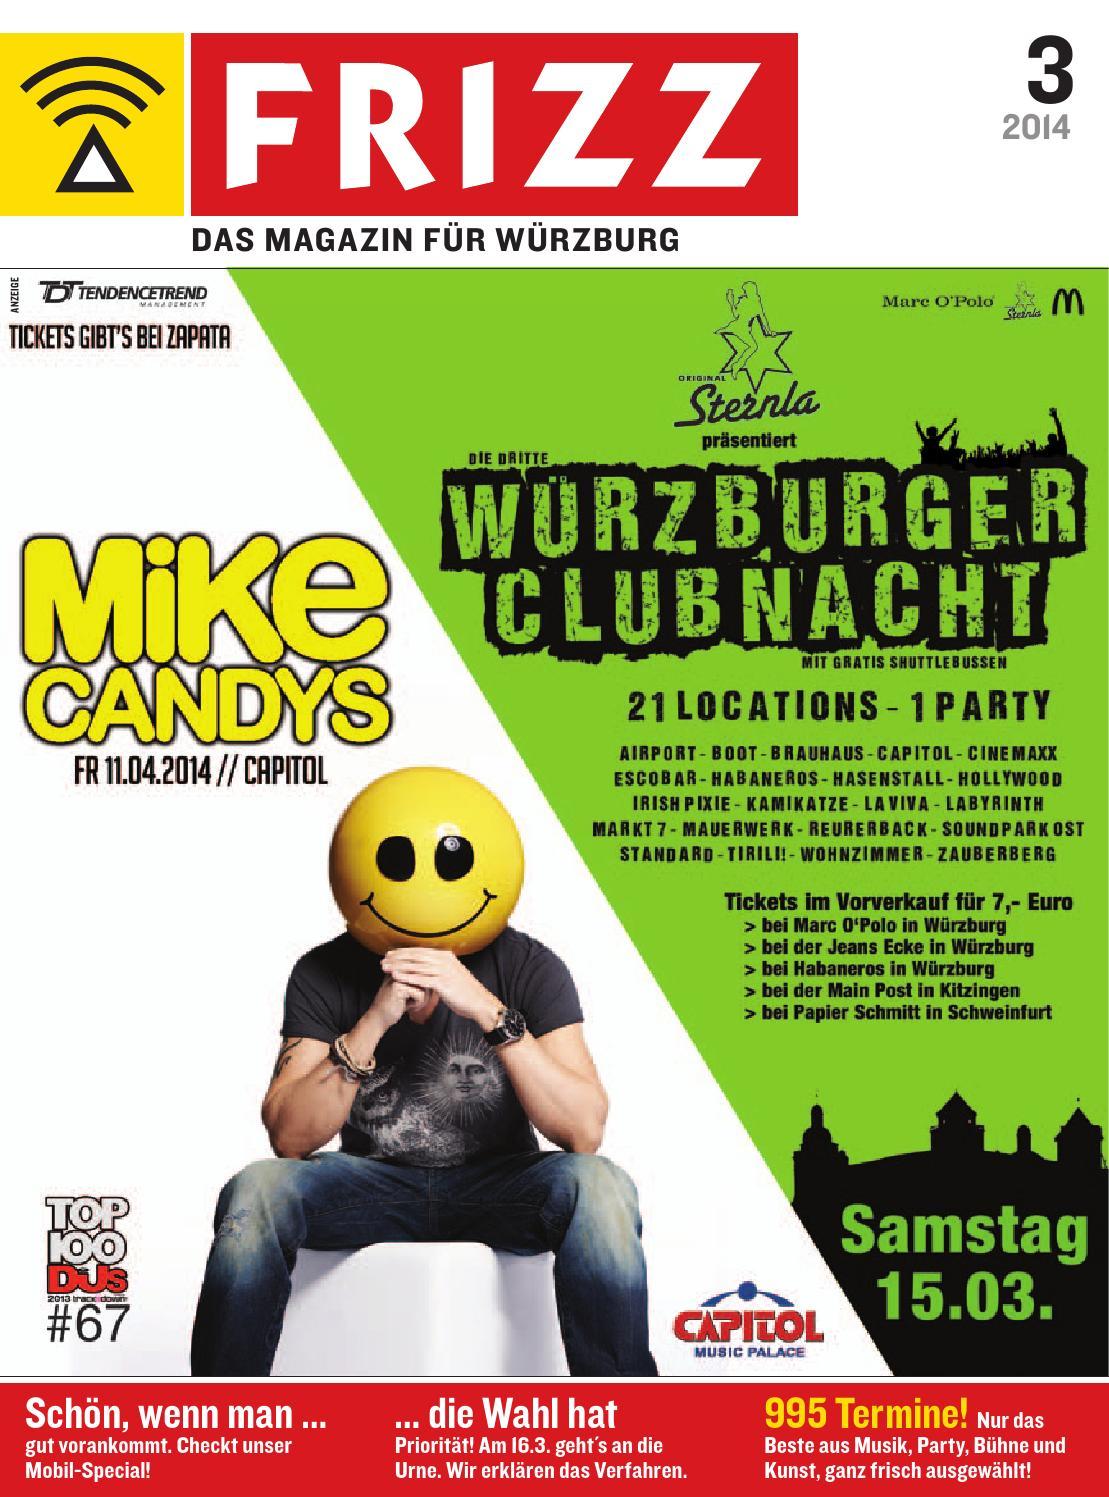 Frizz Wurzburg 03 14 By Frizz Das Magazin Wurzburg Issuu